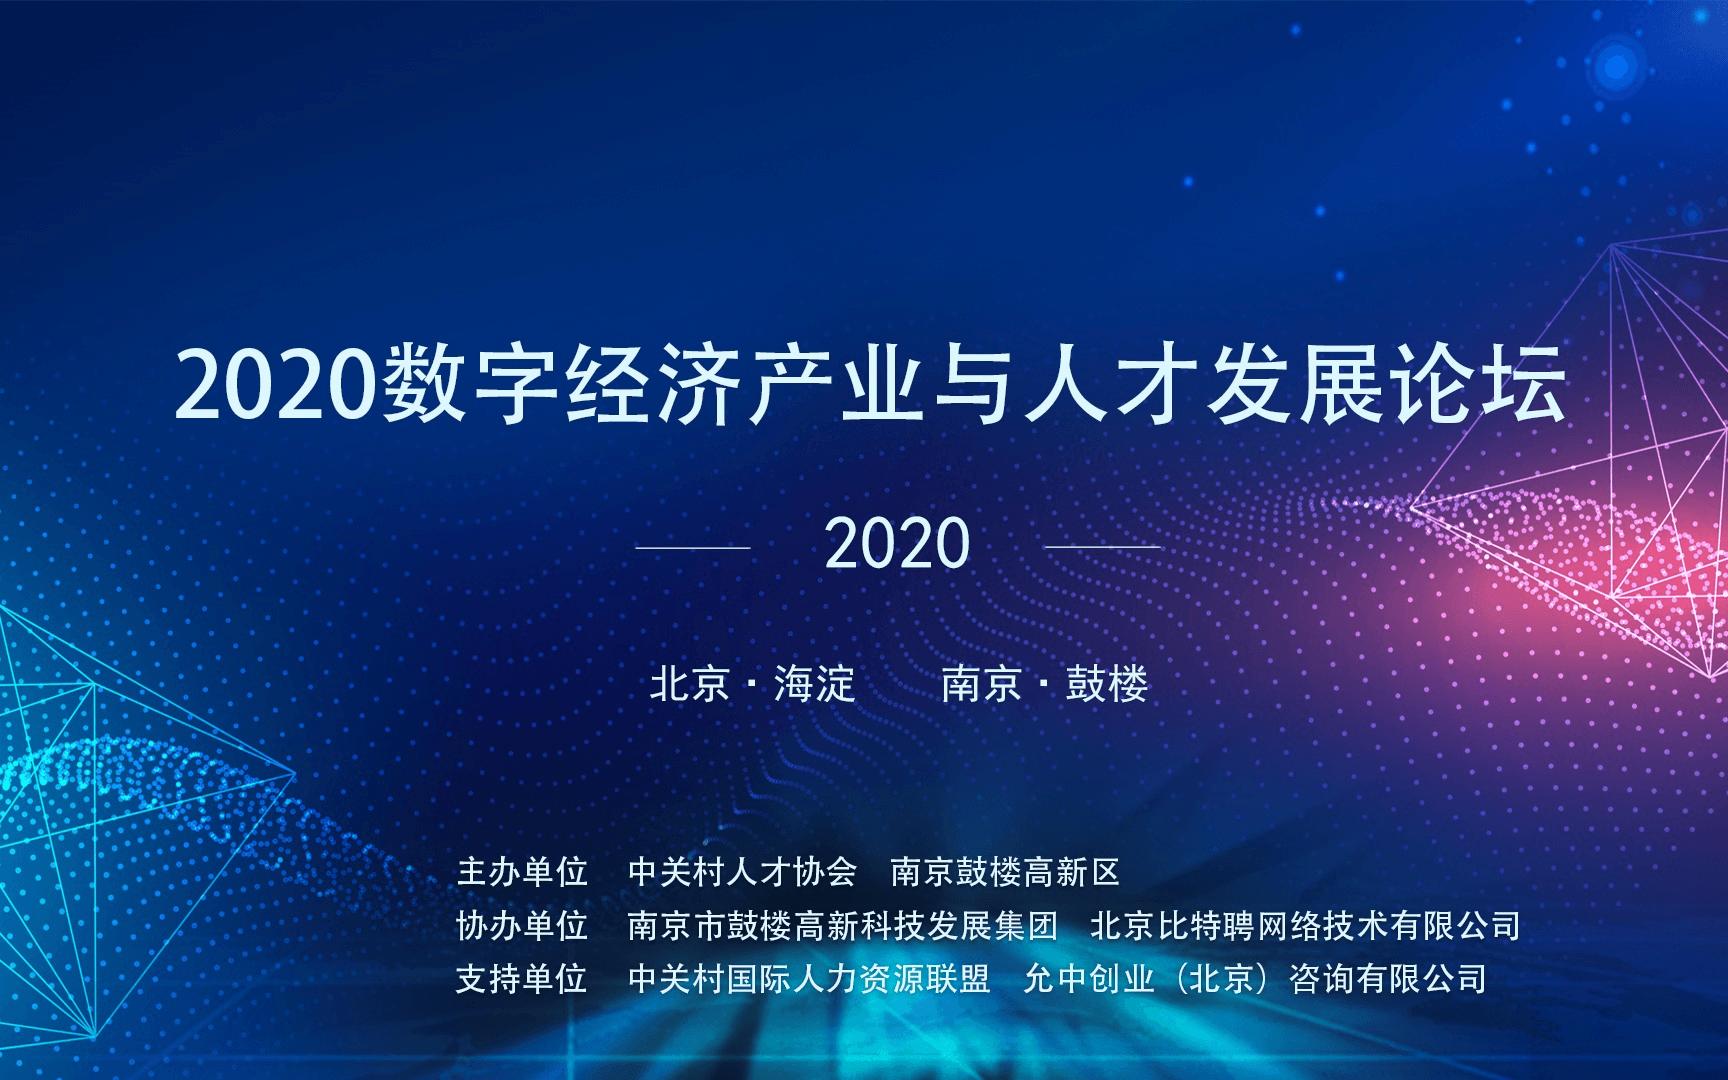 第二届数字经济产业与人才发展论坛